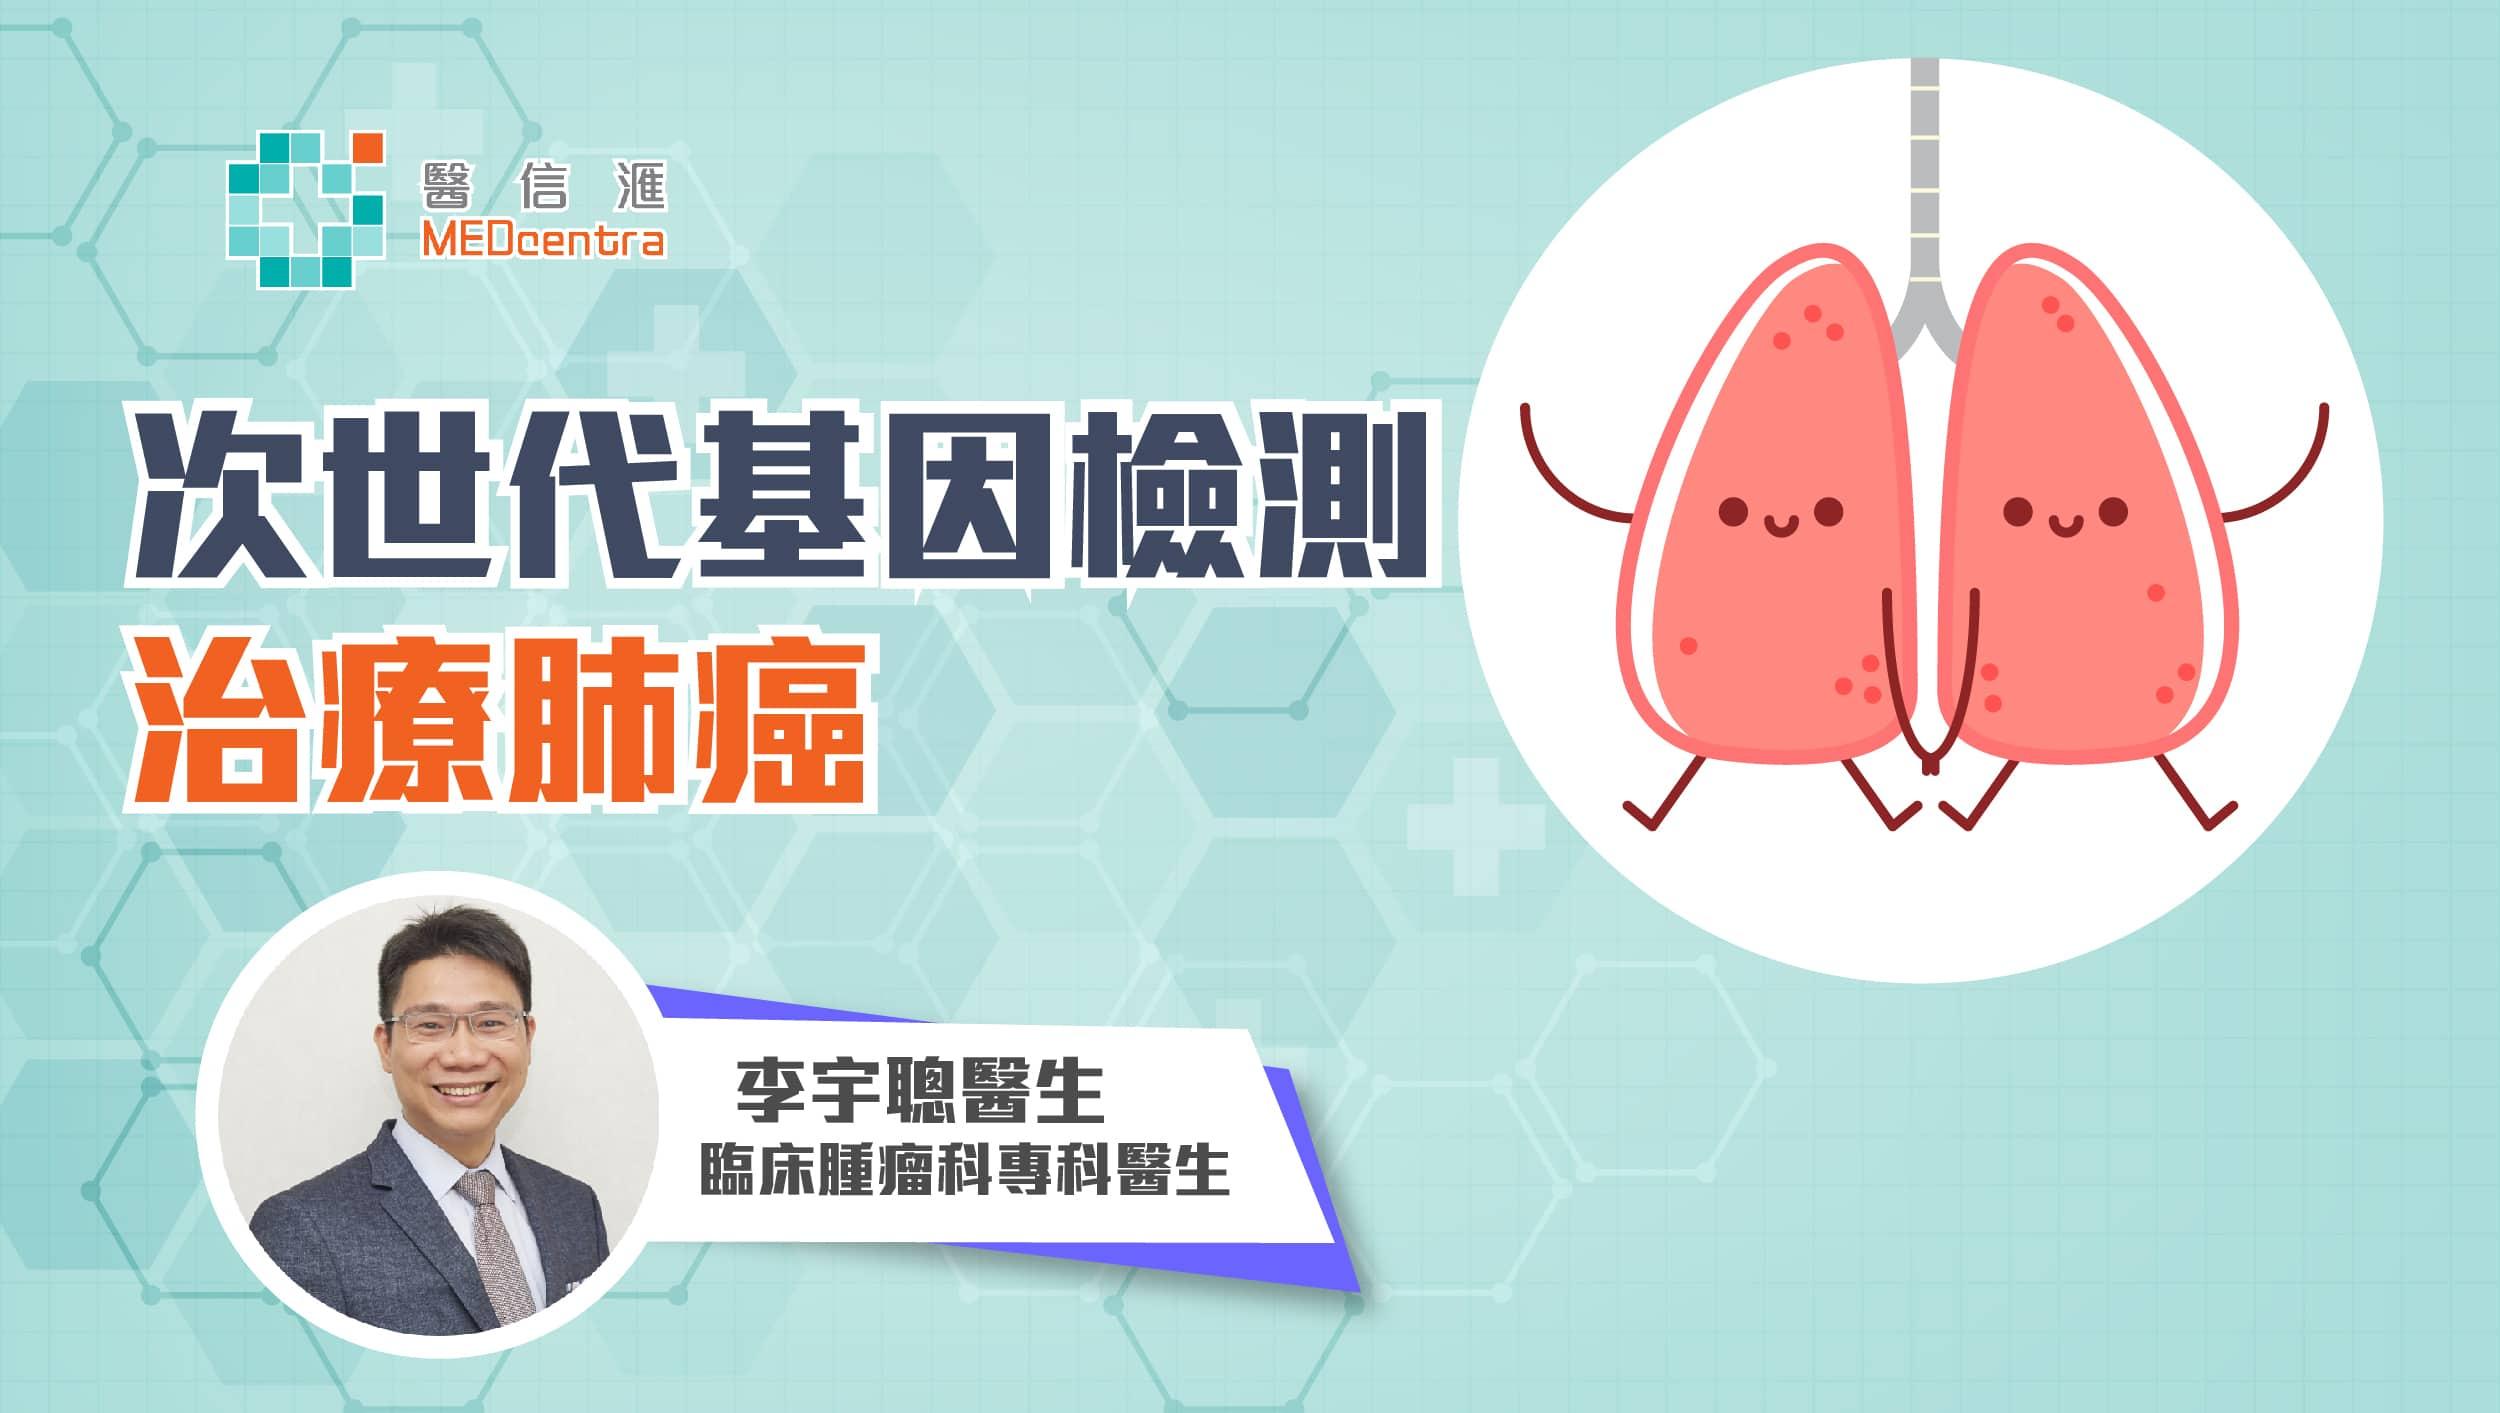 次世代基因檢測治療肺癌